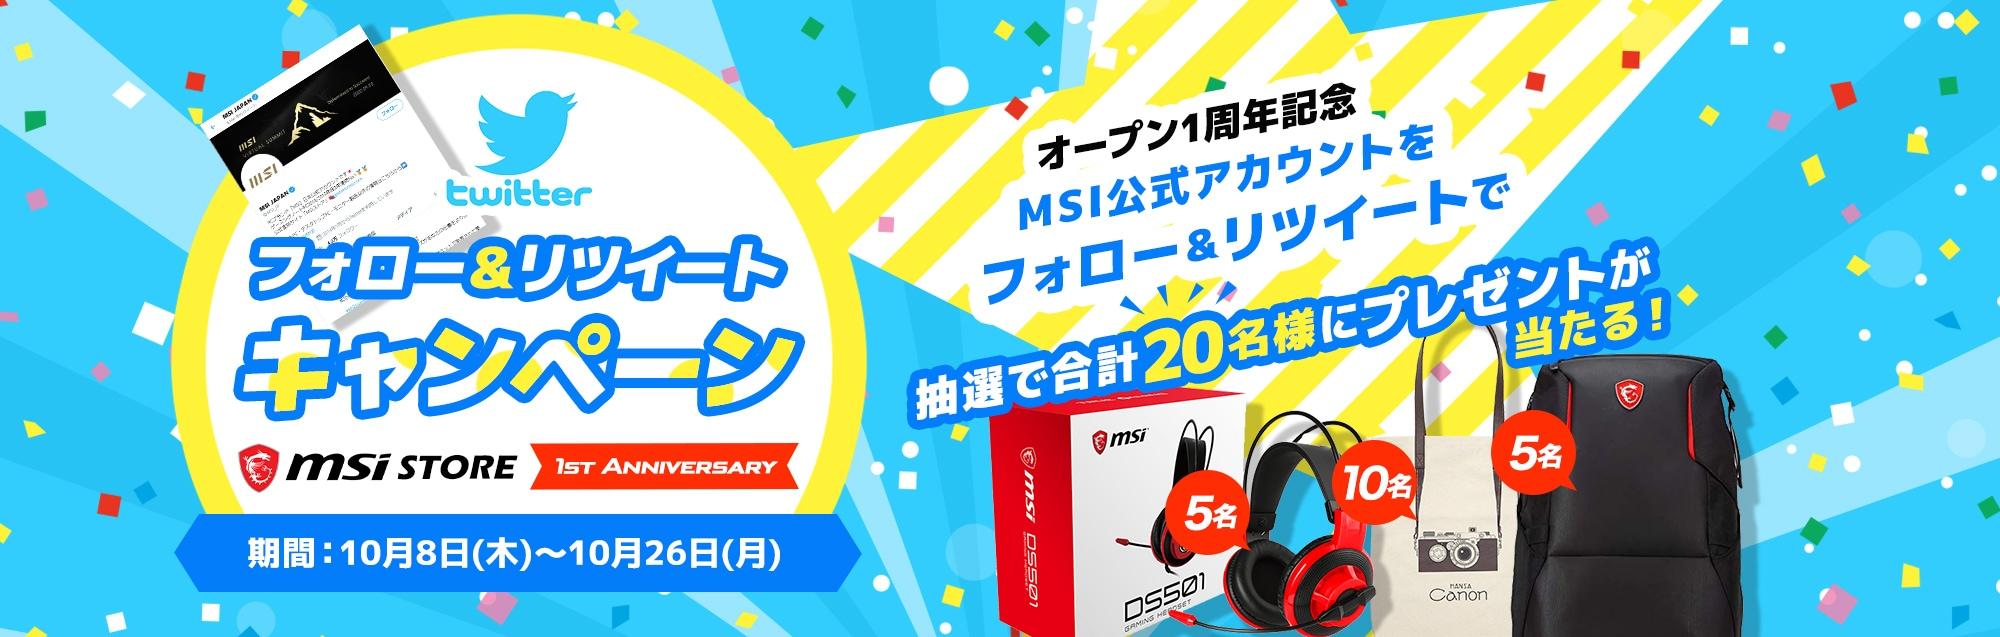 MSIストア1周年記念Twitterリツイートプレゼントキャンペーン